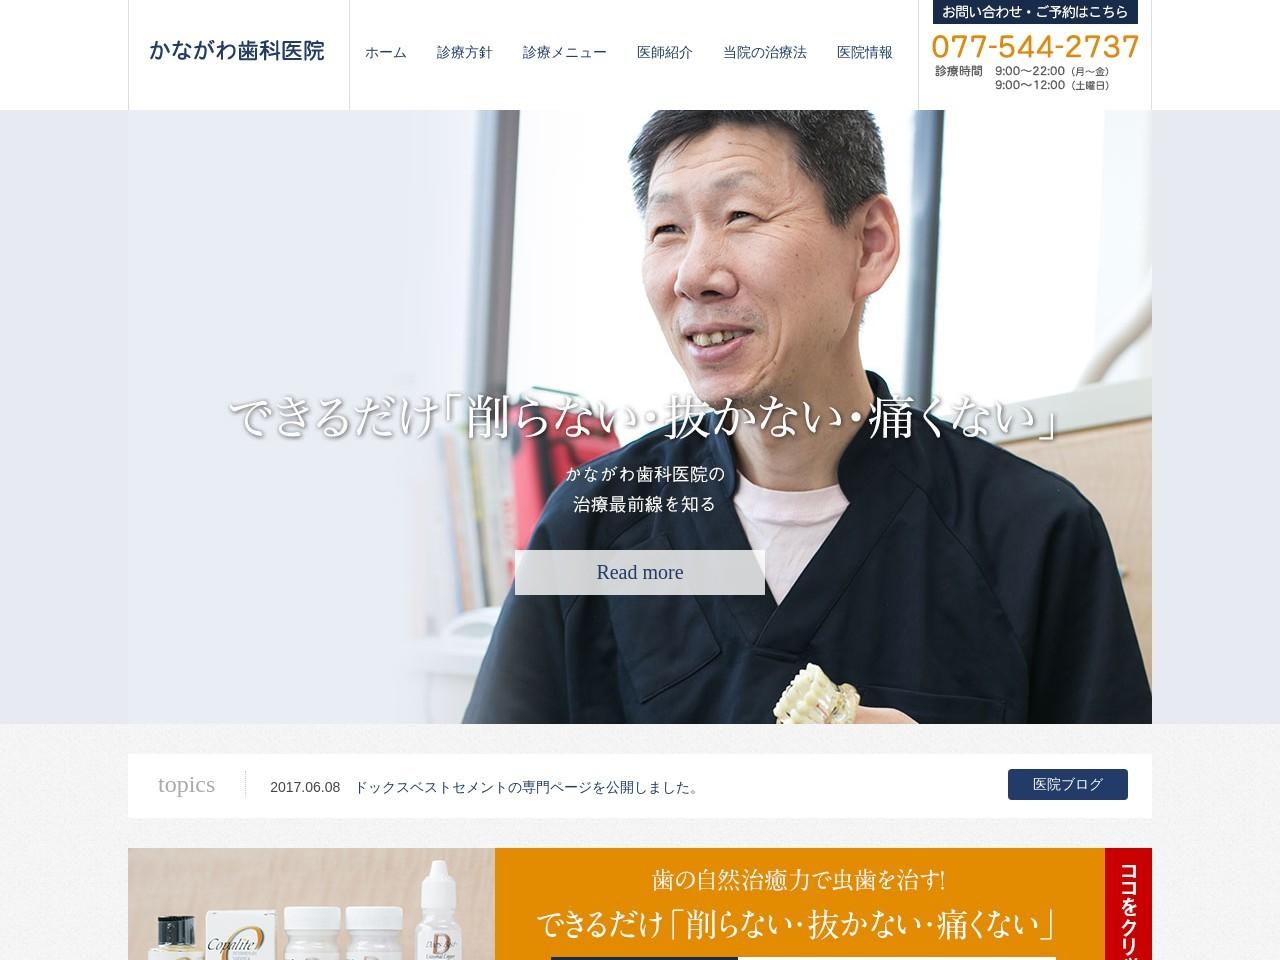 かながわ歯科医院 (滋賀県大津市)